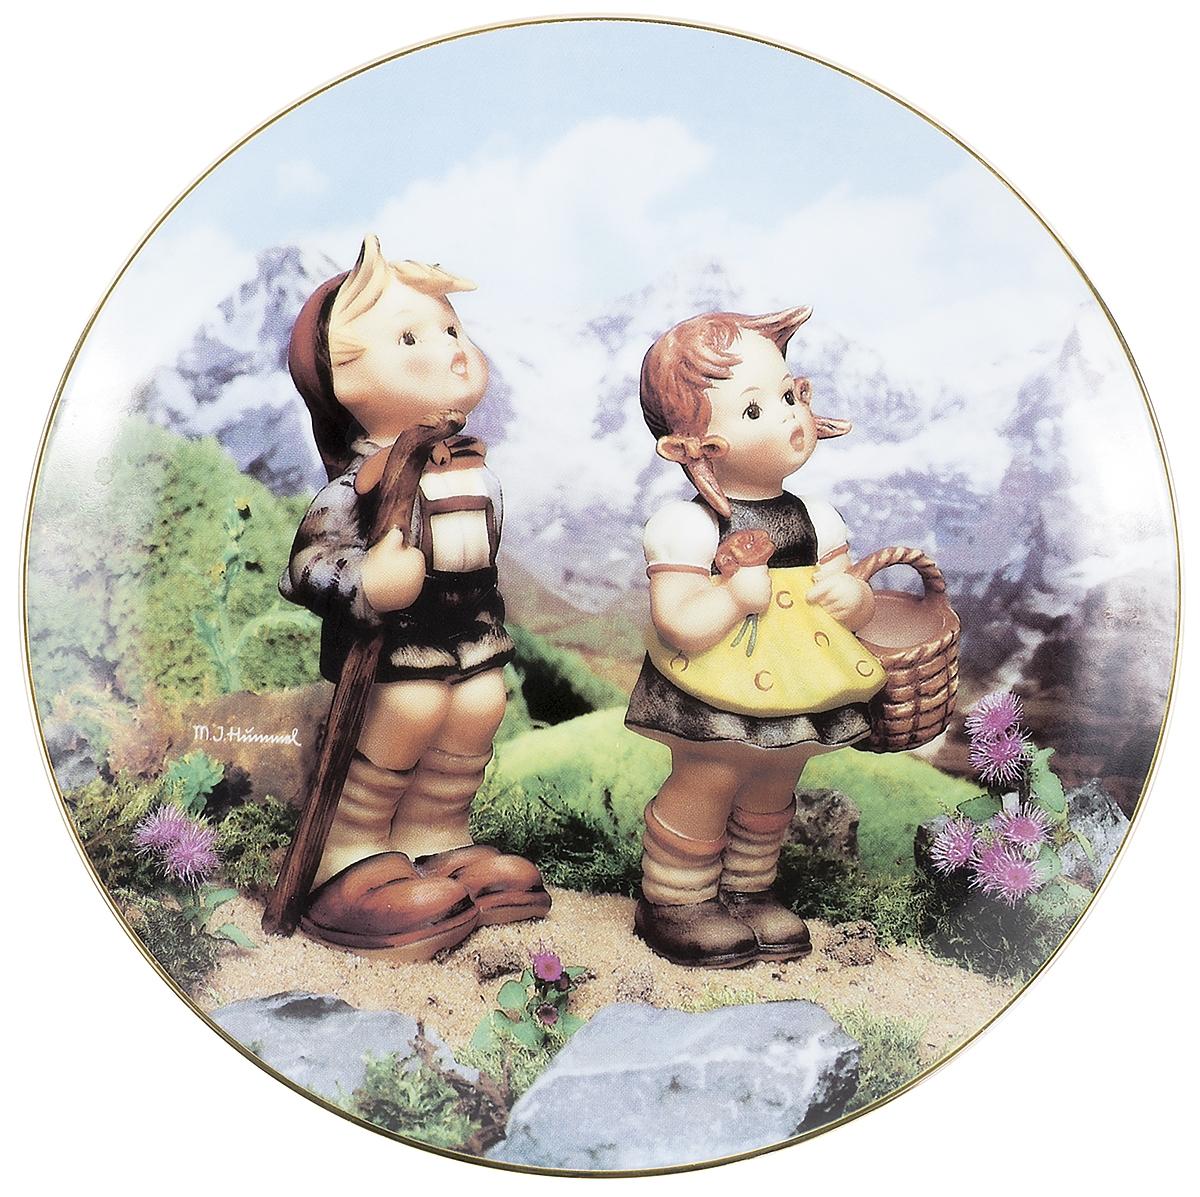 Декоративная тарелка Goebel Маленькие исследователи. Фарфор, деколь, золочение. Швейцария, вторая половина ХХ век декоративная тарелка goebel сюрприз фарфор деколь золочение швейцария вторая половина хх века